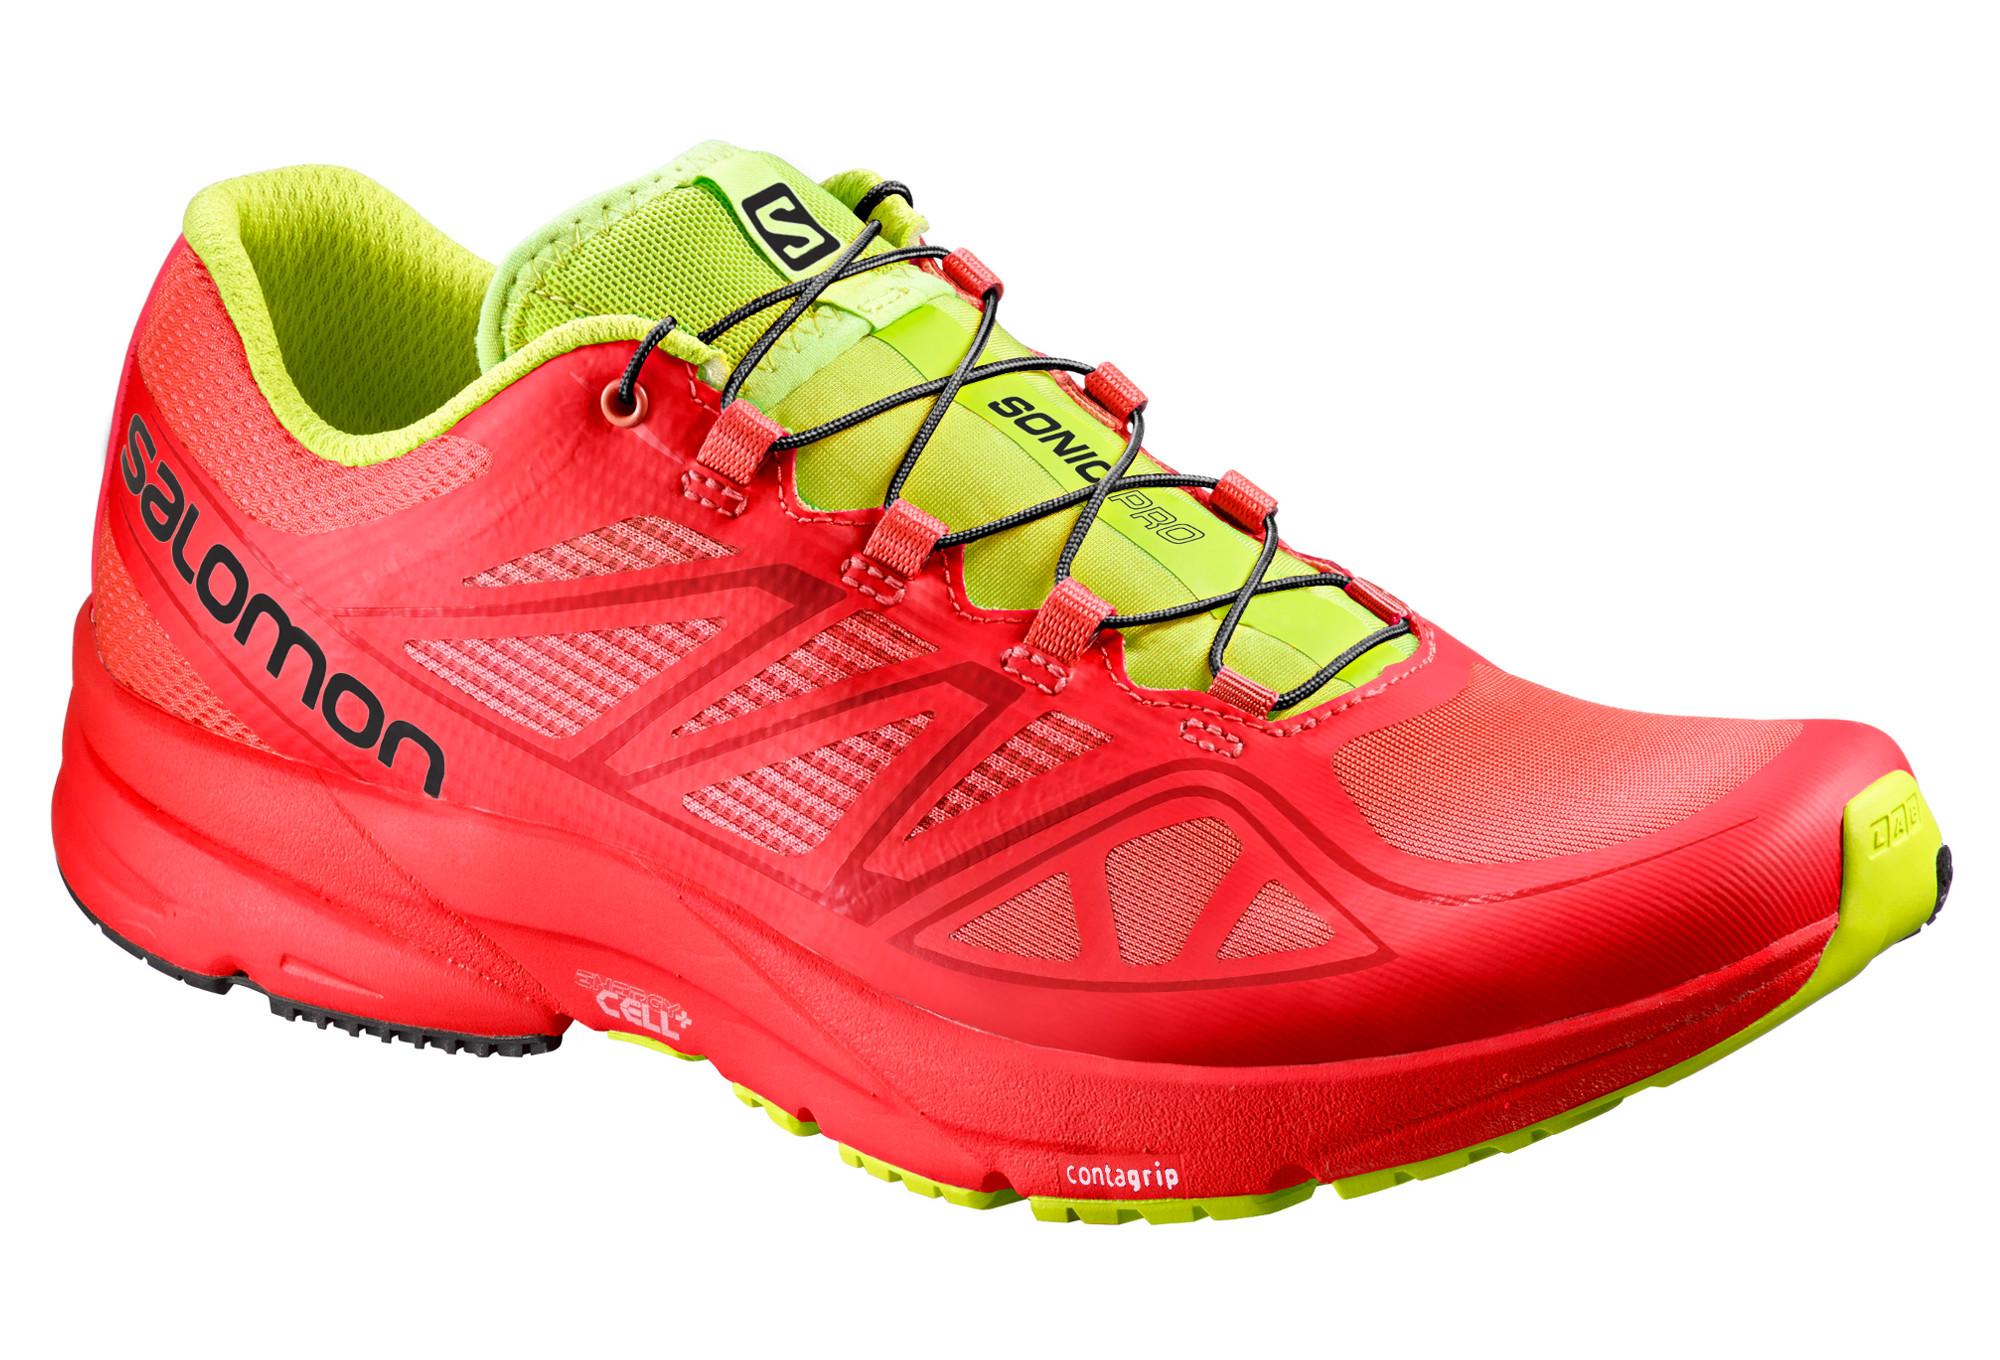 de Vert Running Chaussures SONIC PRO Rouge Salomon IW29EDH